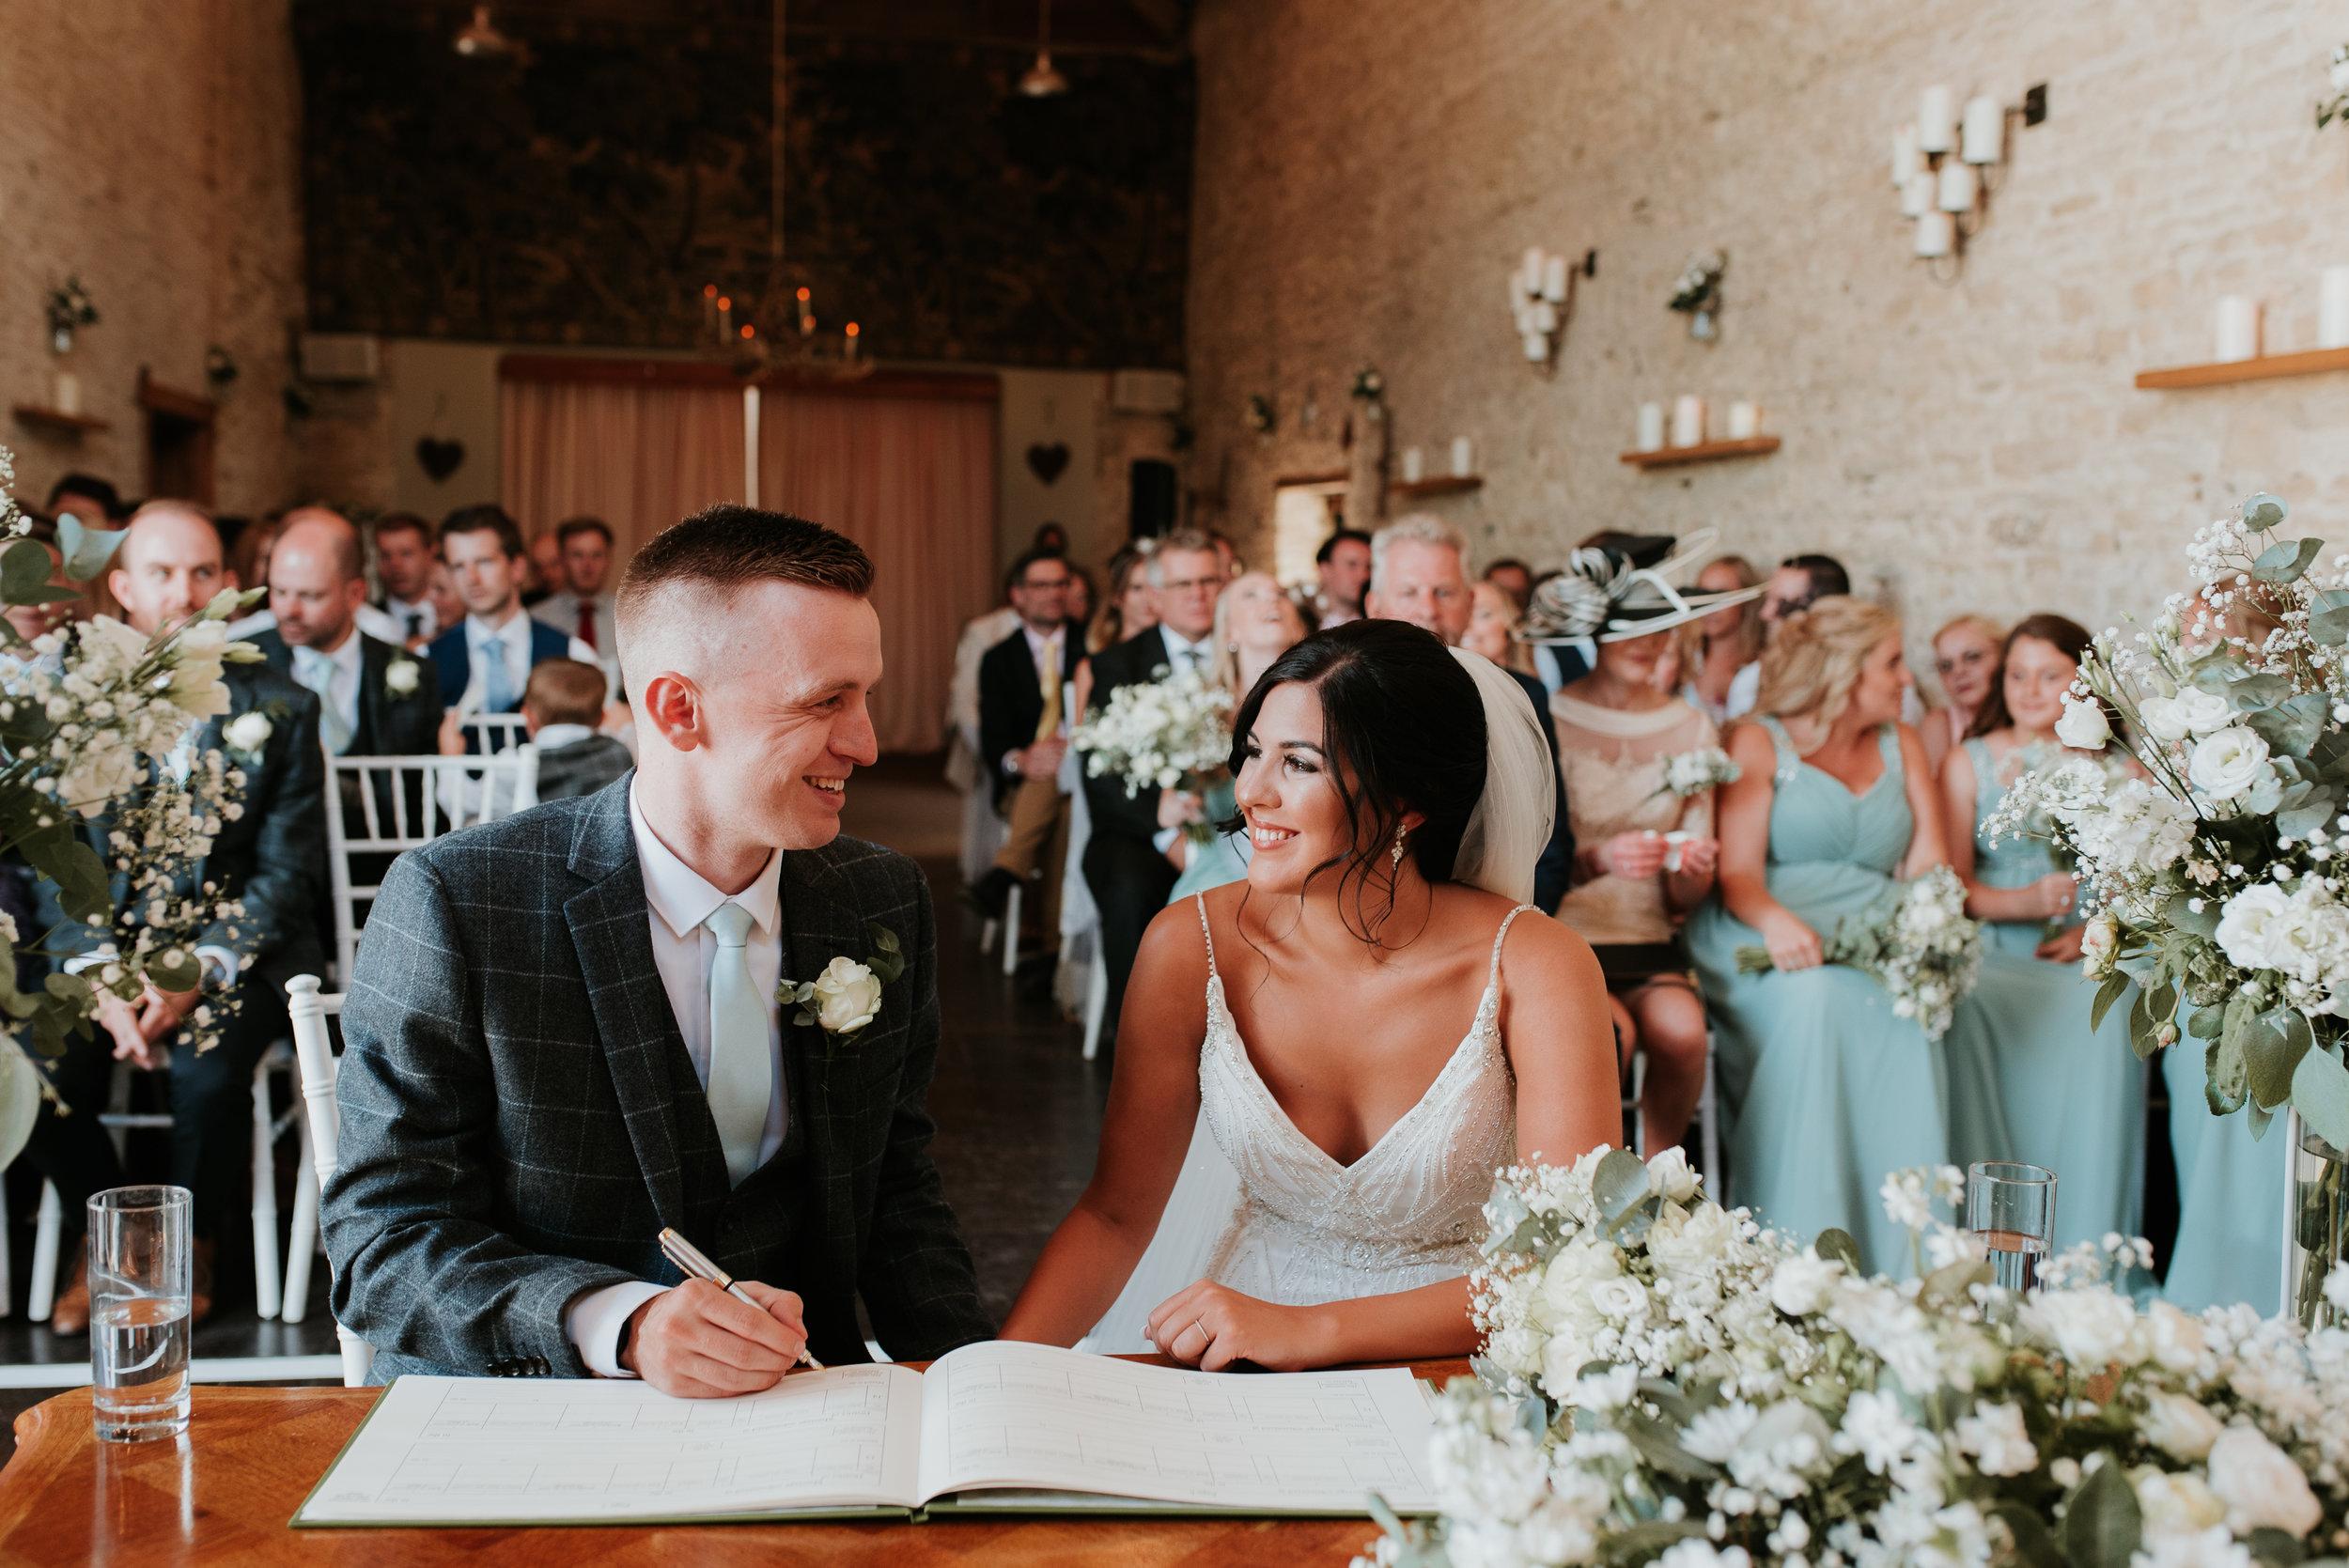 Cotwsold wedding venue